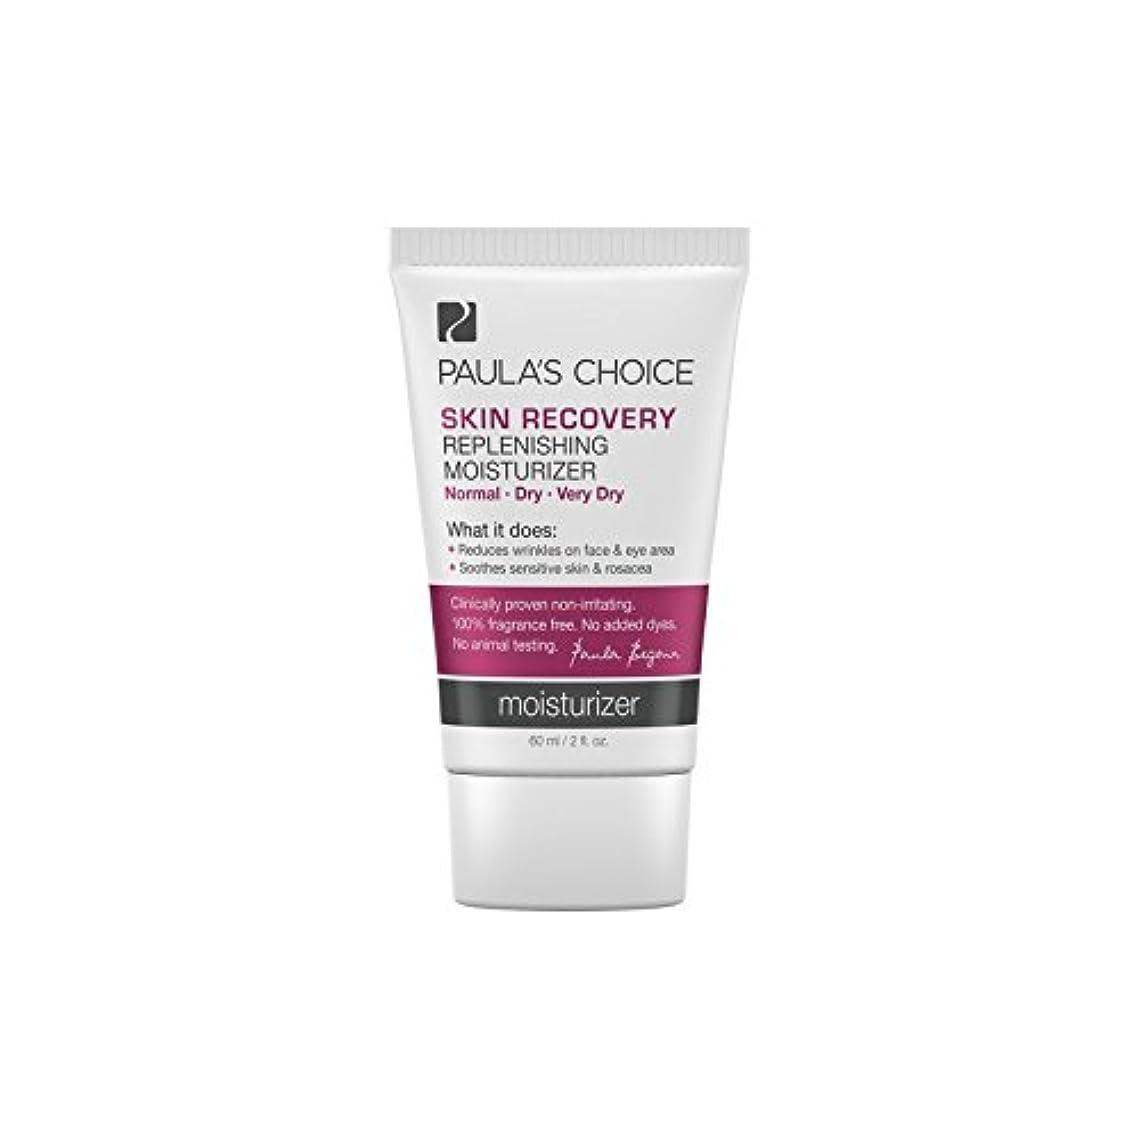 区別するあなたのものミュウミュウPaula's Choice Skin Recovery Replenishing Moisturizer (60ml) (Pack of 6) - ポーラチョイスの肌の回復補充保湿(60ミリリットル) x6 [並行輸入品]